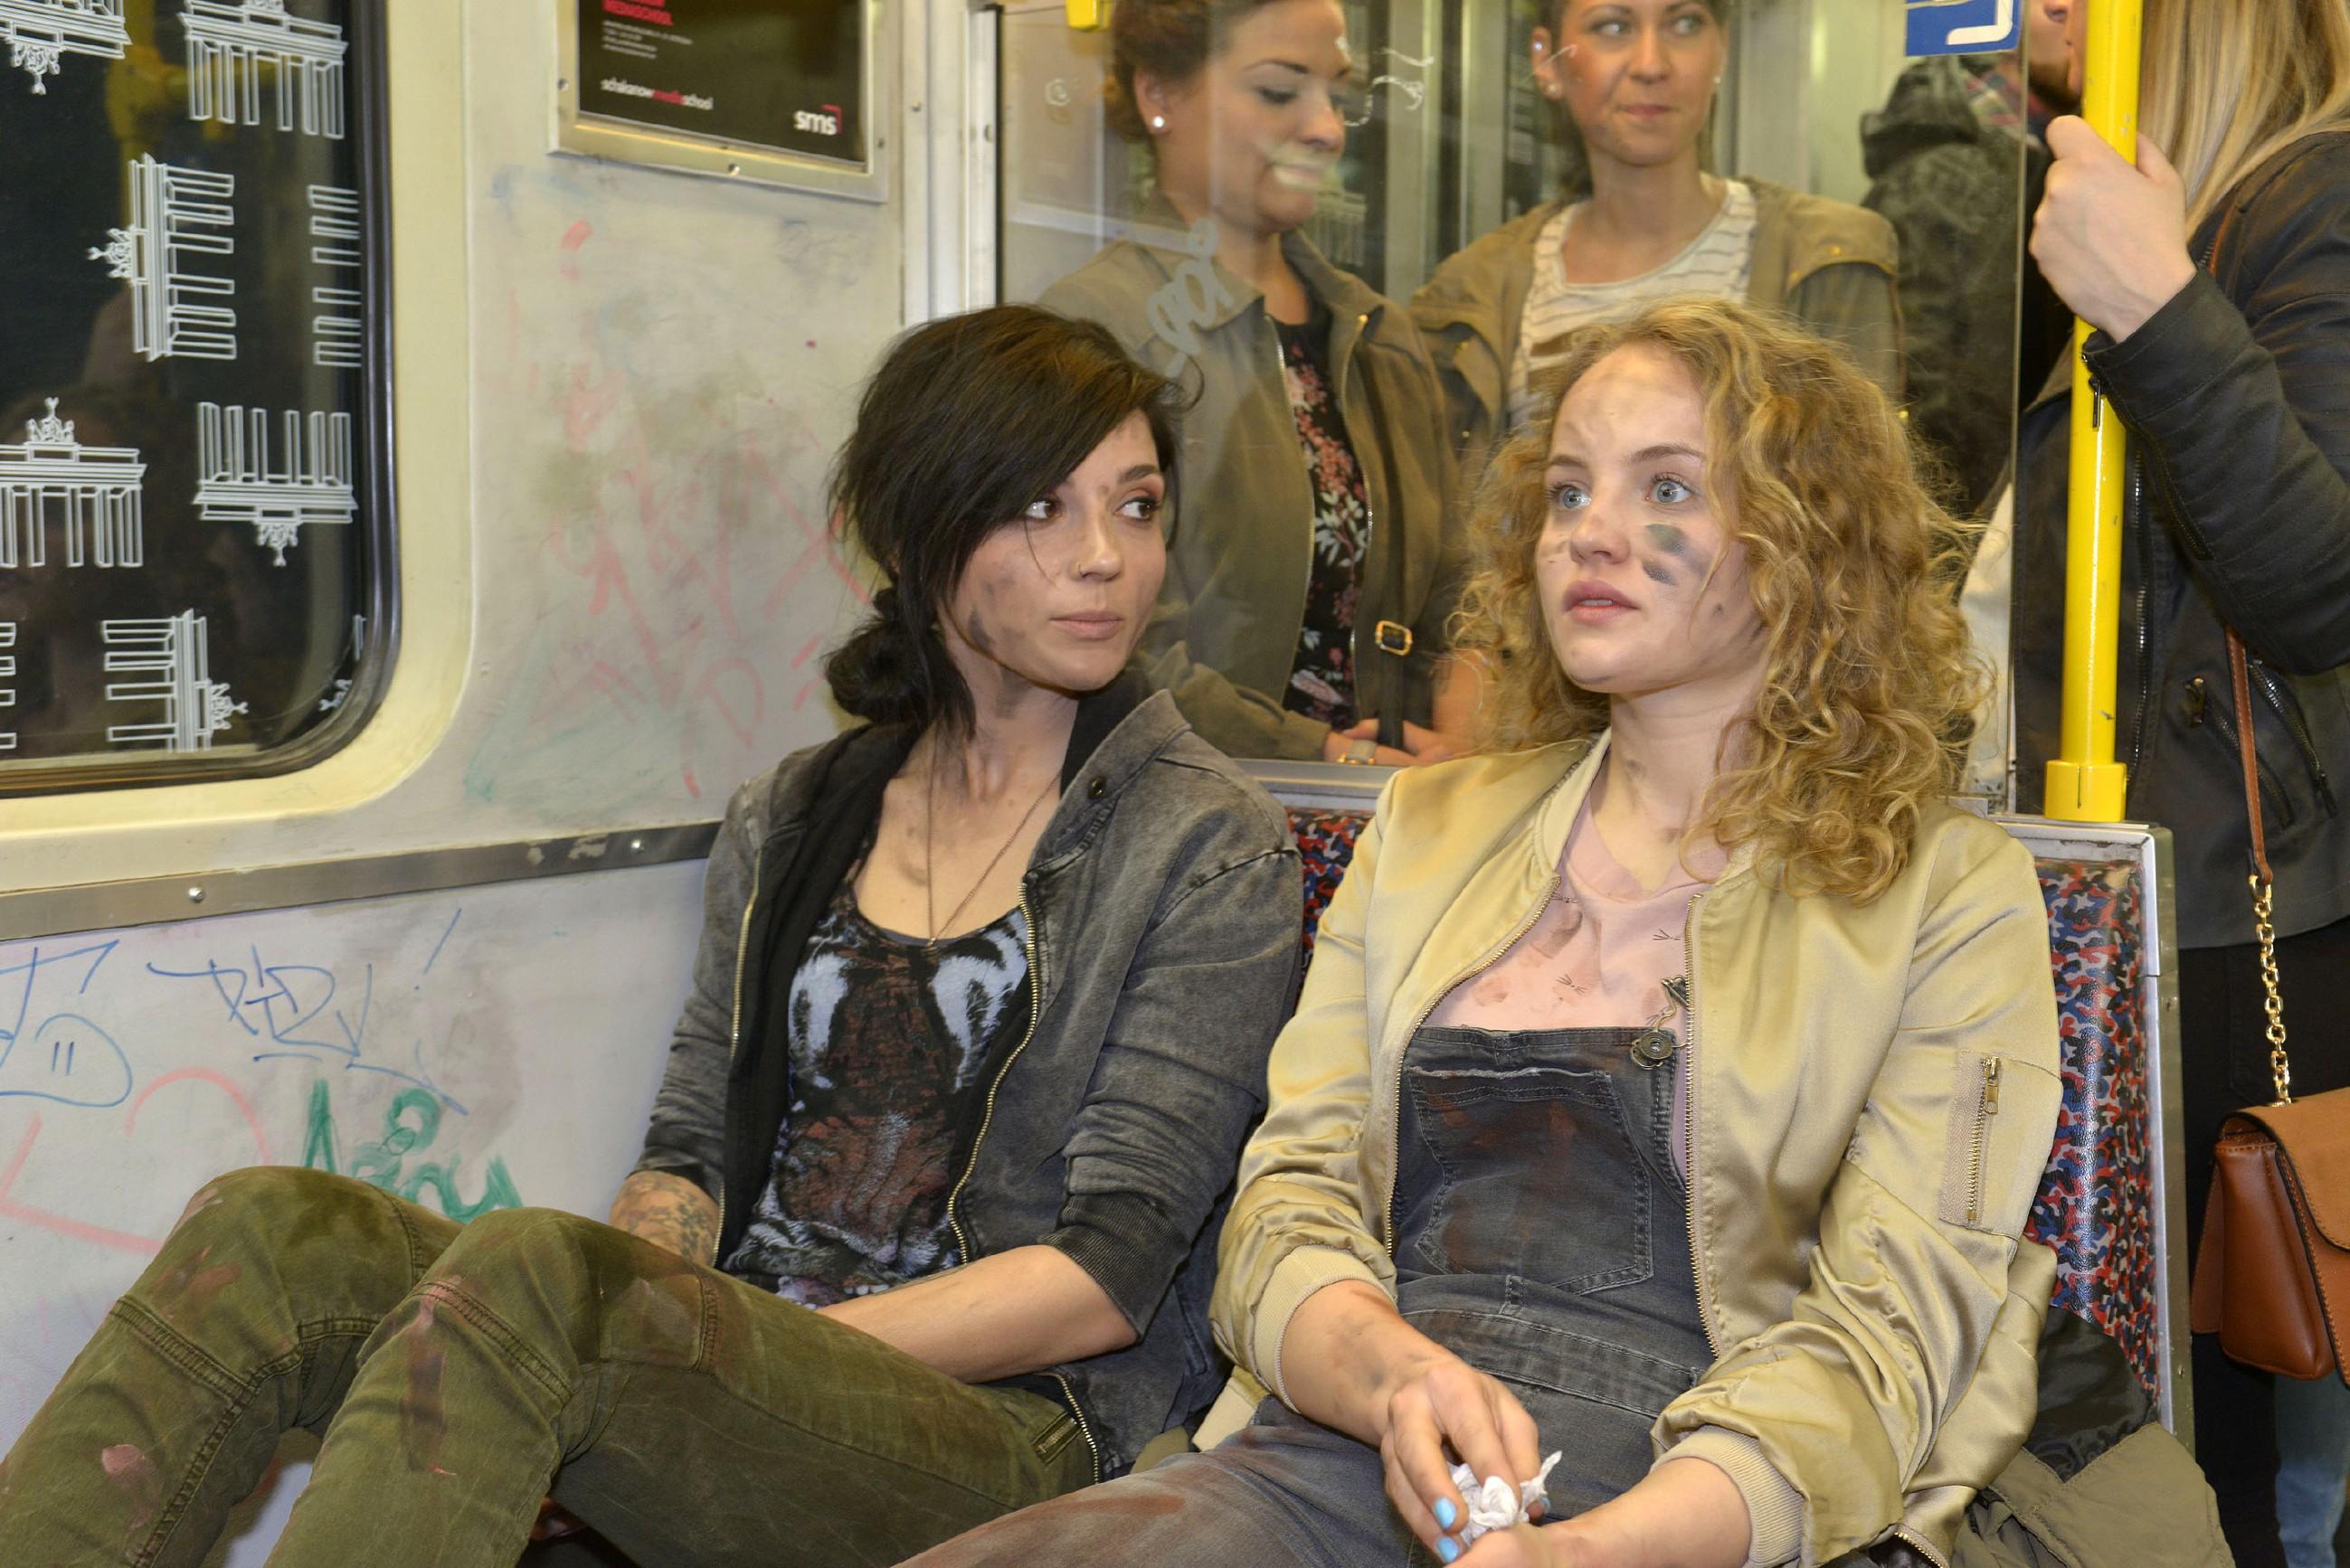 Nachdem sie ihre Schwester unversehrt gefunden hat, muss Anni (Linda Marlen Runge, l.) sich eingestehen, dass Jule (Luise von Finckh) ihr in den letzten Monaten sehr ans Herz gewachsen ist... (Quelle: RTL / Rolf Baumgartner)